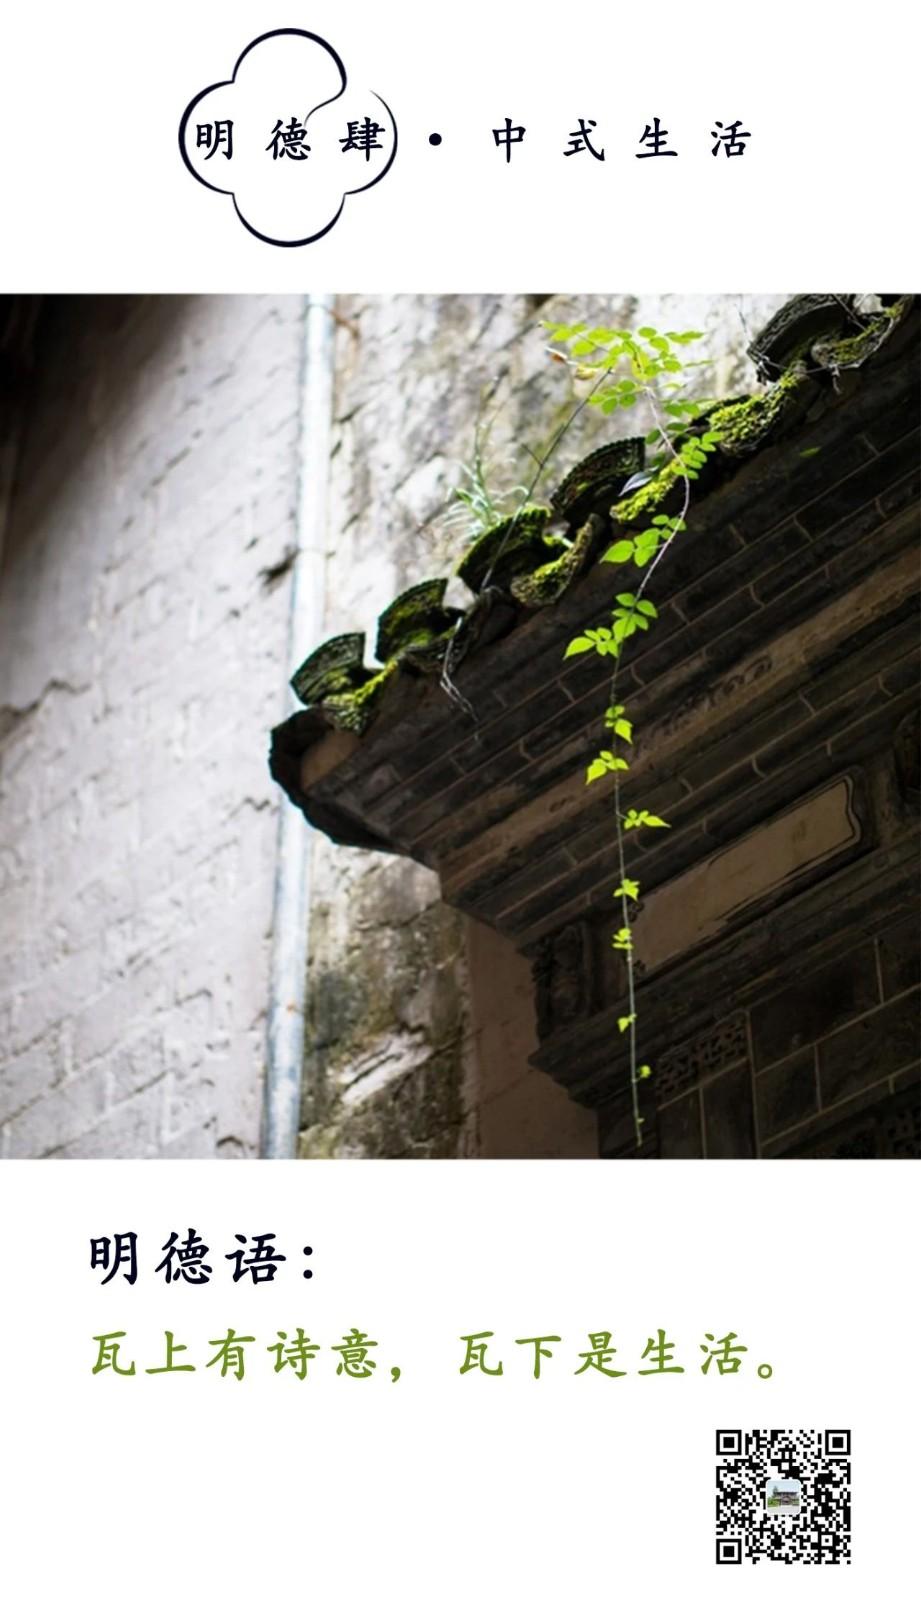 「瓦」顺乎阴阳,合乎五行,遮风又挡雨,守护中国人千年...